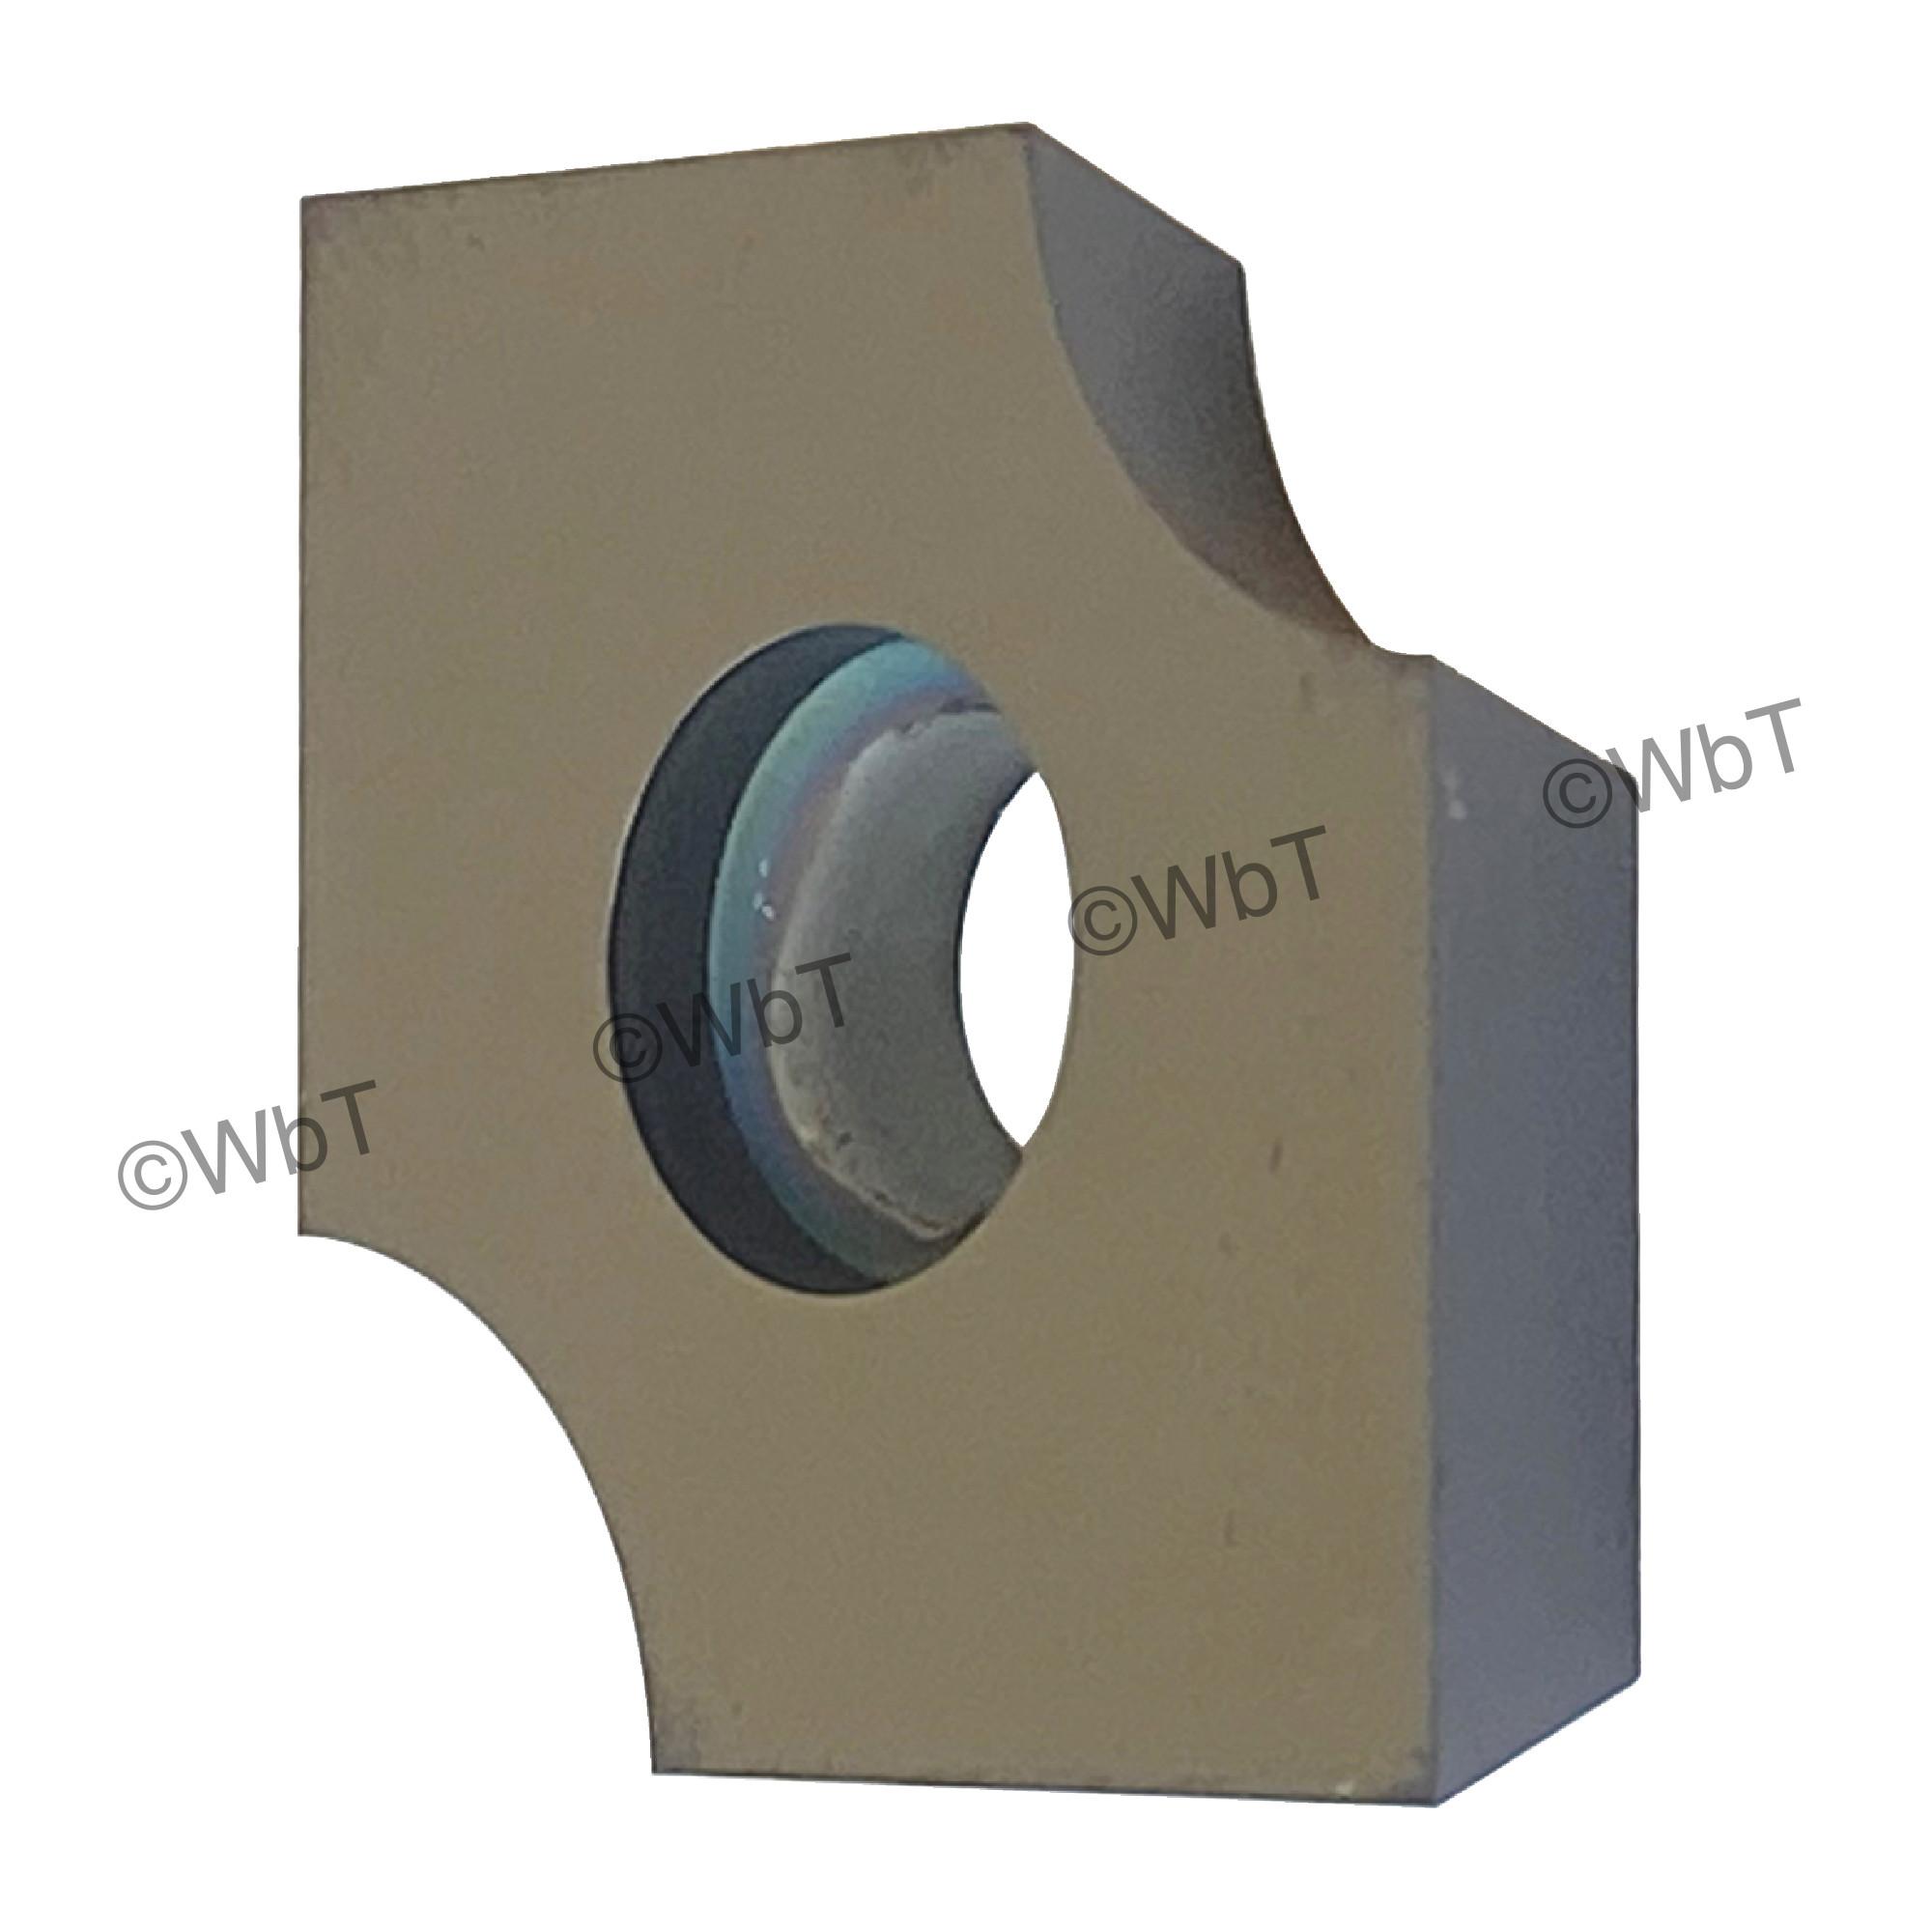 T&O - SDGX09C01E PC650 Square / INDEXABLE Carbide MILLING INSERT